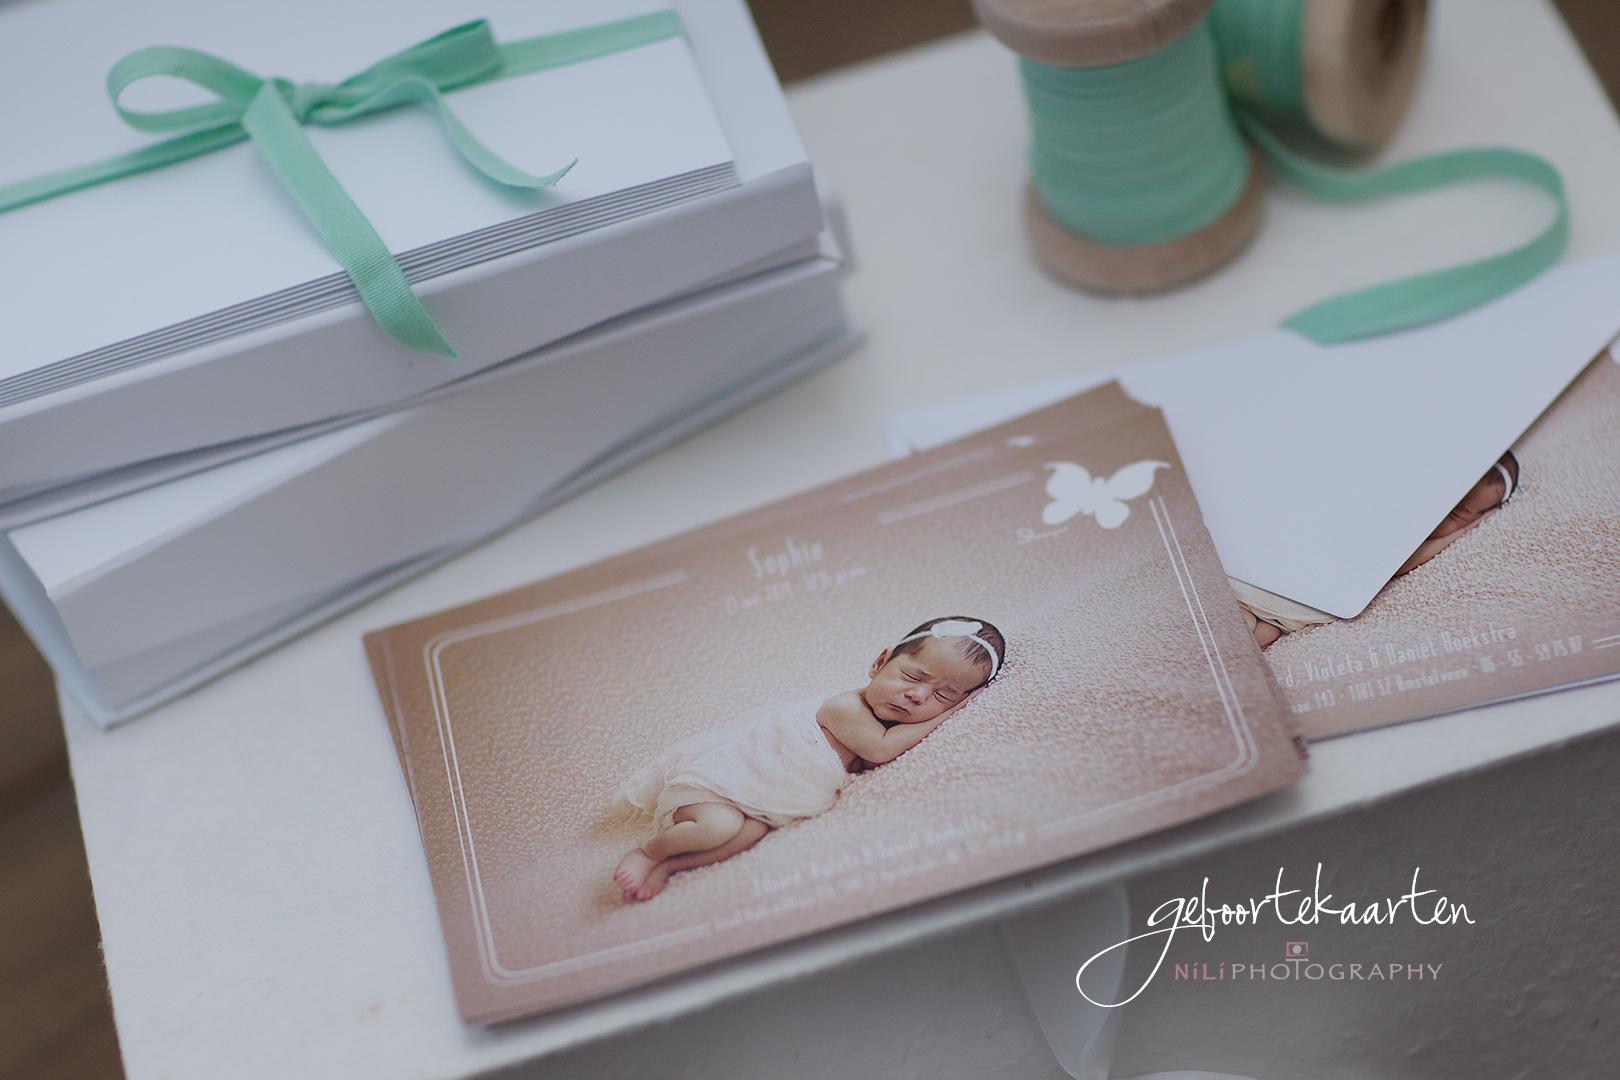 geboortekaarten newborn fotografie Amsterdam